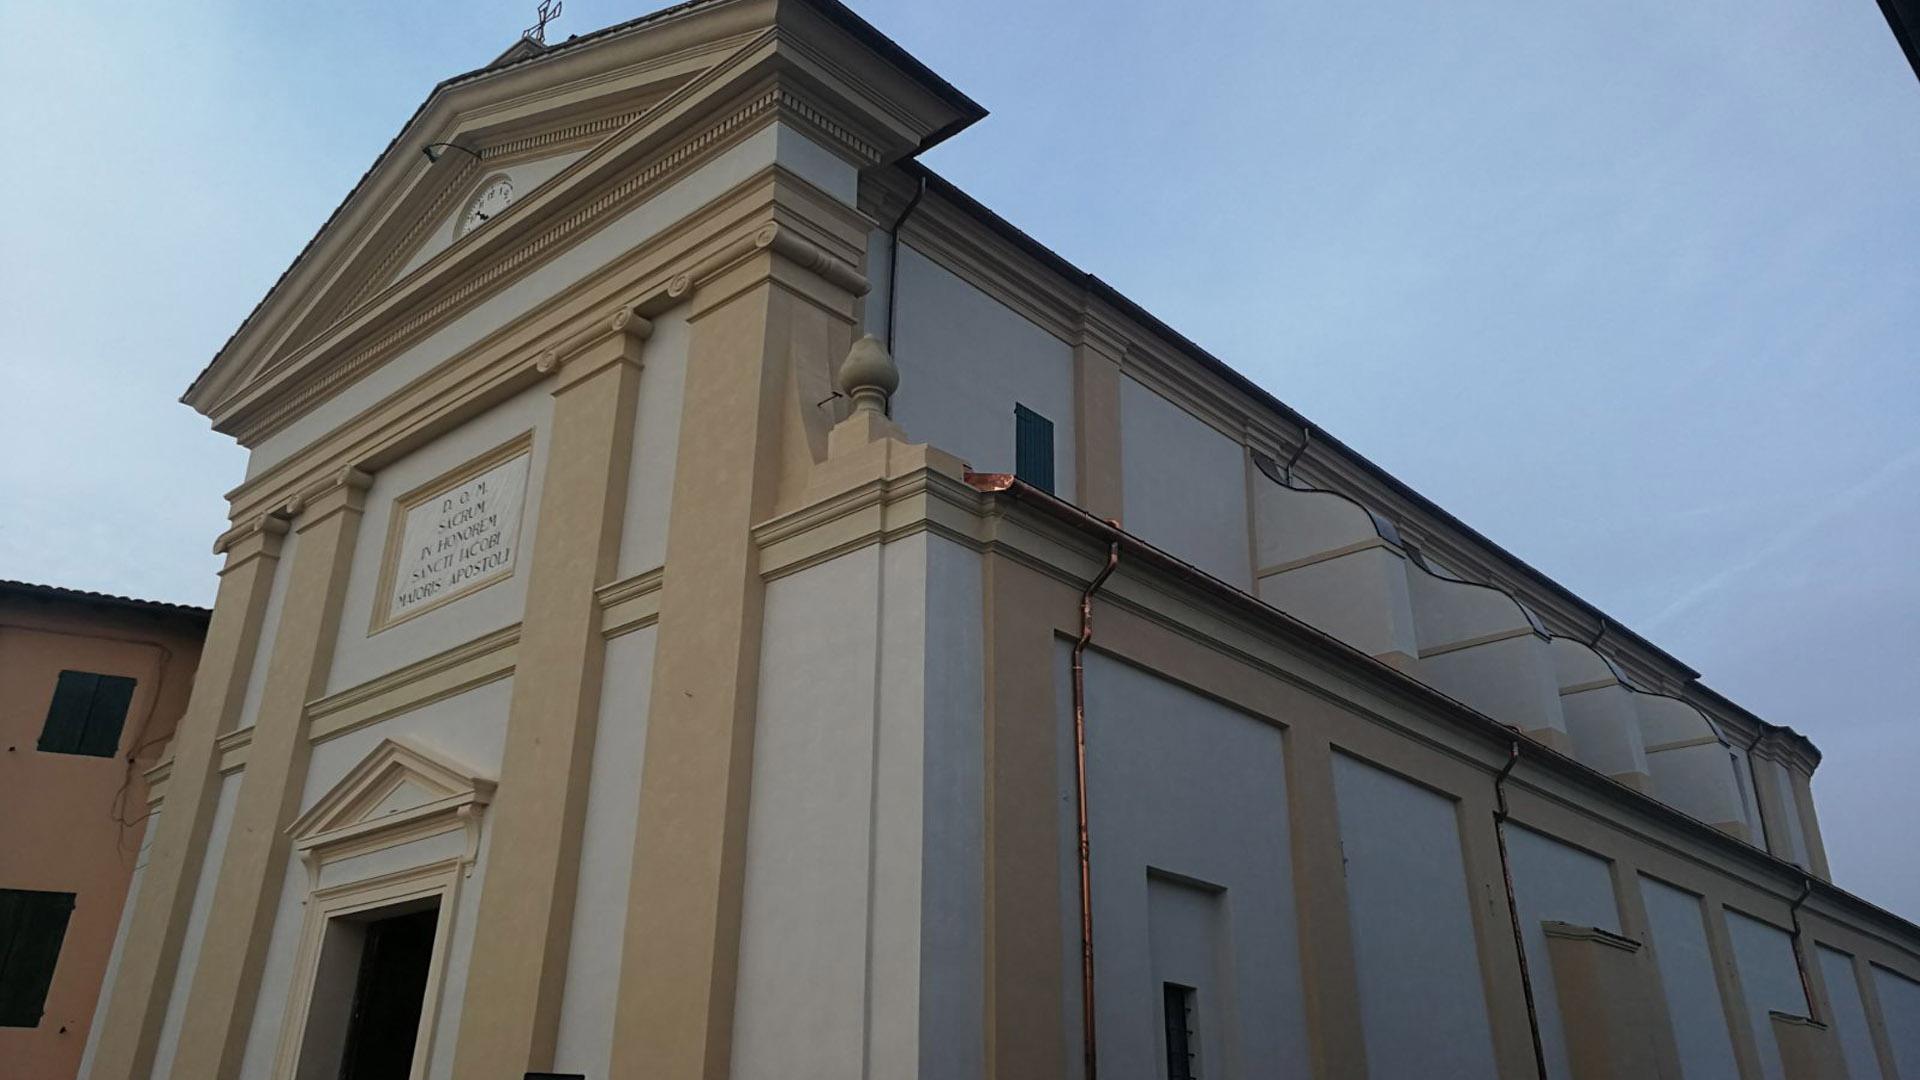 Chiesa di San Giacomo Bevilacqua - Crevalcore (BO)